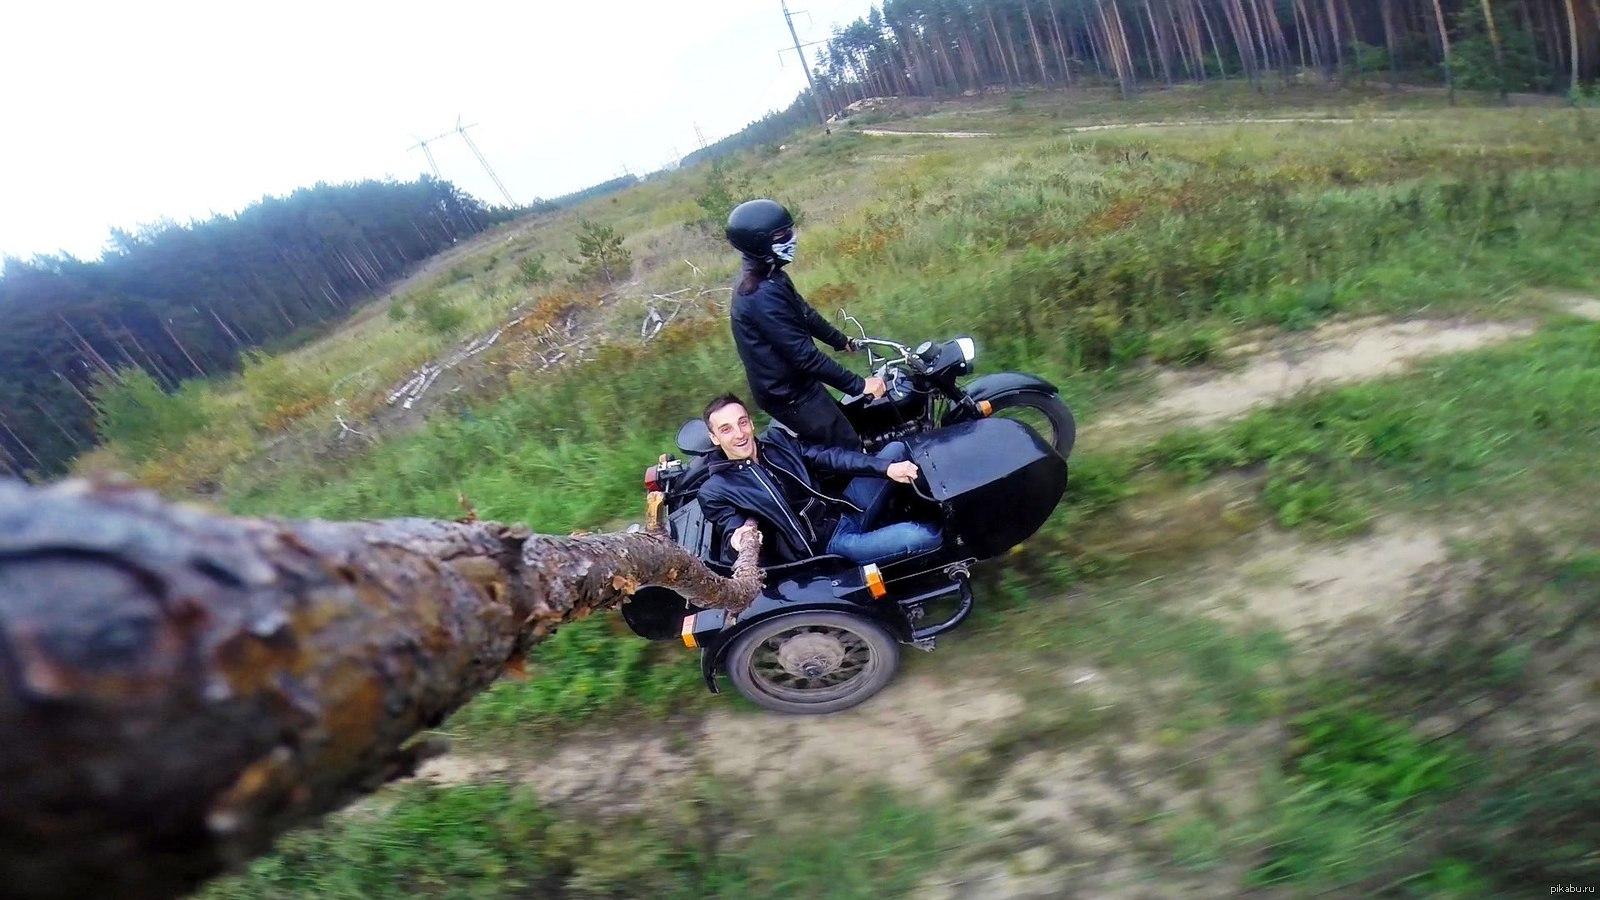 фото приколы про мотоцикл урал это изображения, составленные